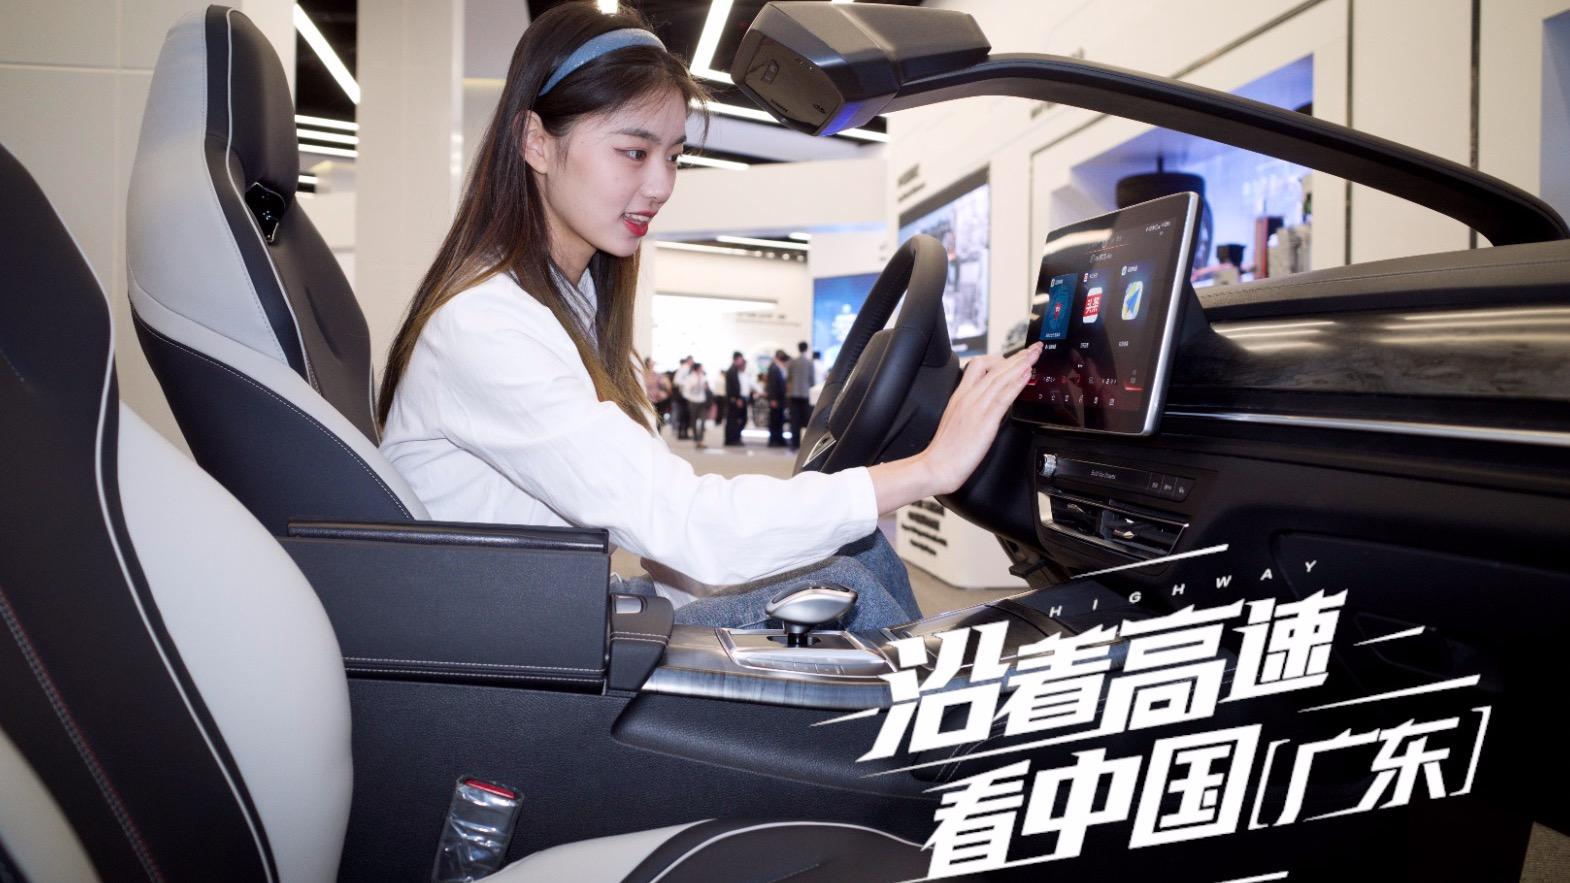 沿着高速看中国(广东):一分钟带你速看深圳交通高科技